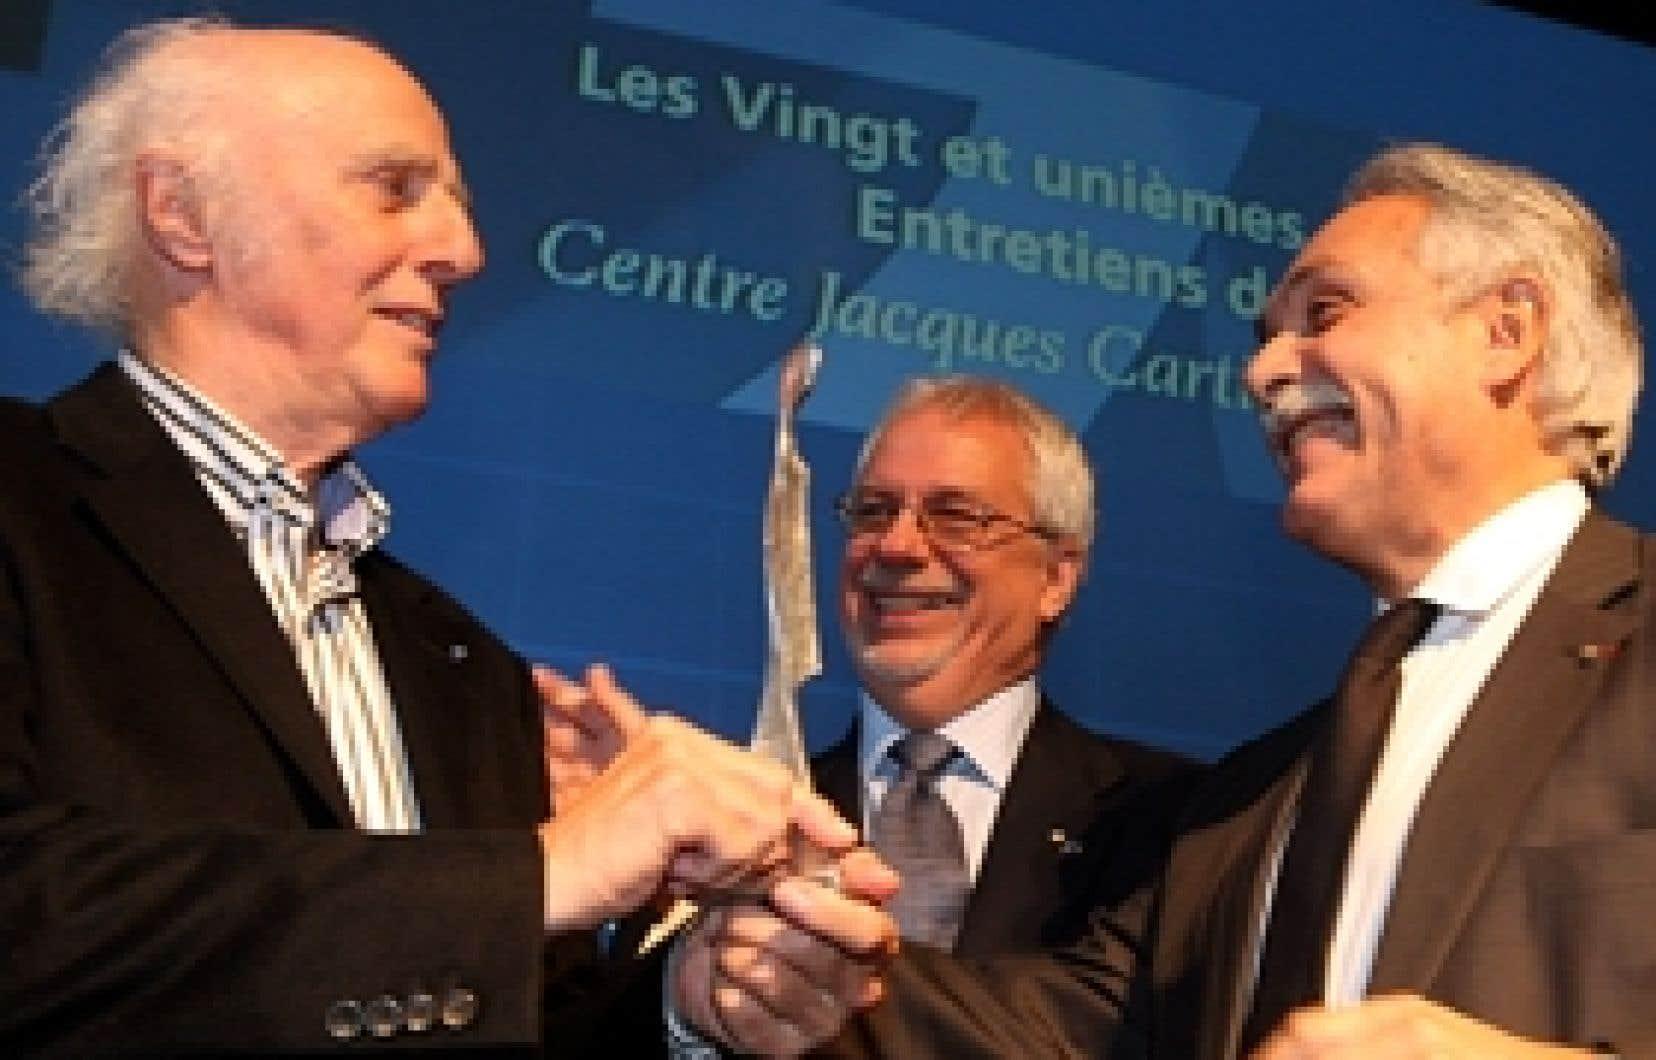 Gilles Vigneault a reçu hier le Prix des arts Jacques-Cartier des mains de Pierre Marc Johnson, président du conseil d'administration des Entretiens Jacques-Cartier, et d'Alain Bideau, instigateur de ces Entretiens et directeur du Centre Jacques Ca